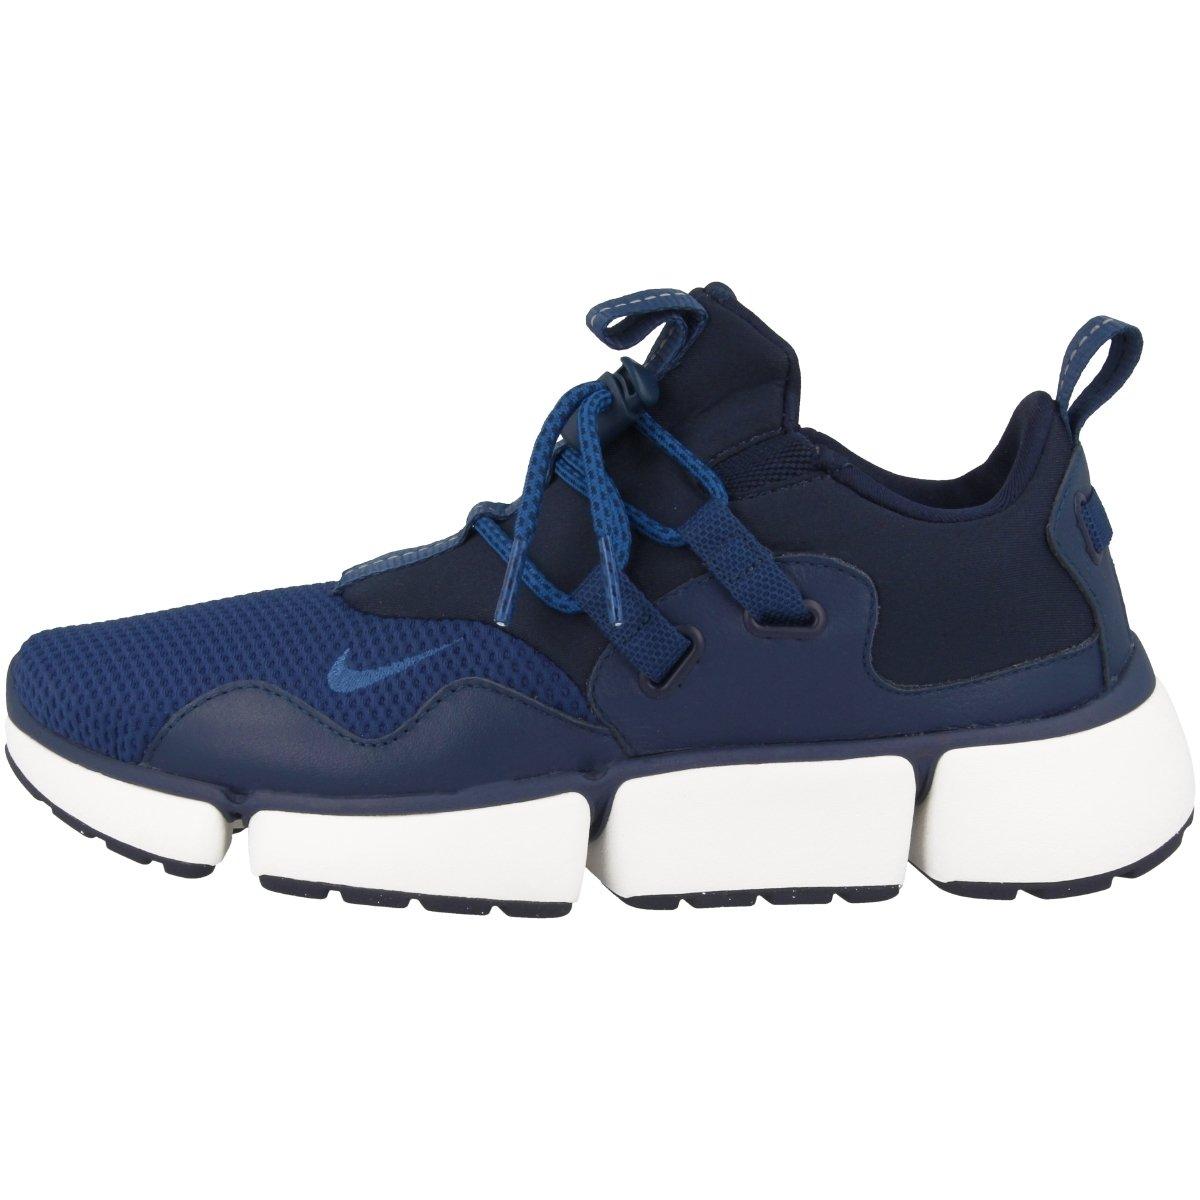 Nike Zapatillas de Material Sintético Para Hombre 41 EU|obsidian-gym blue-navy-sail (898033-401)